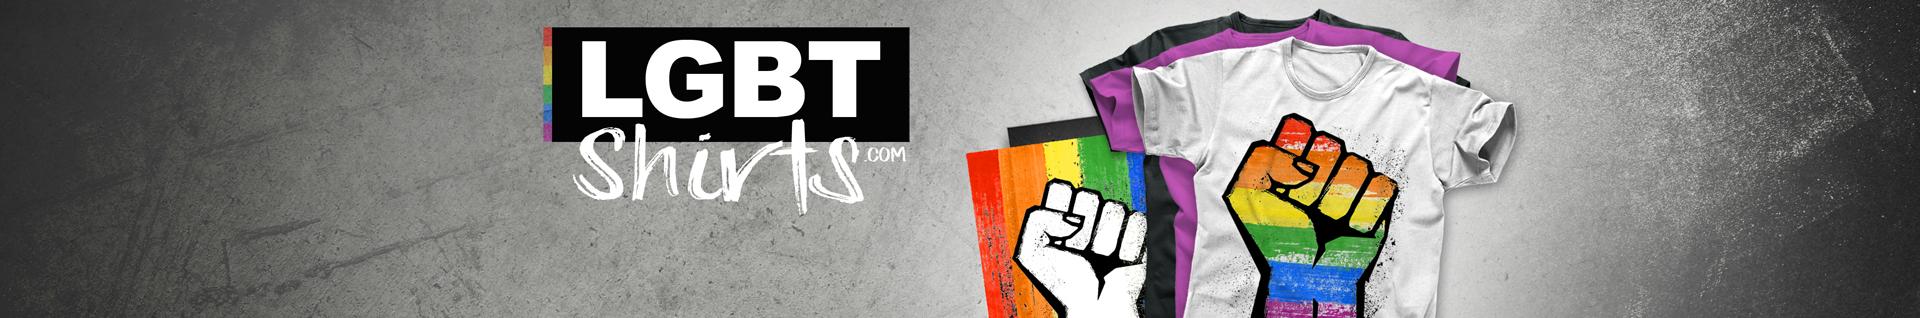 lgbtshirts-top-banner-titlepage-v3